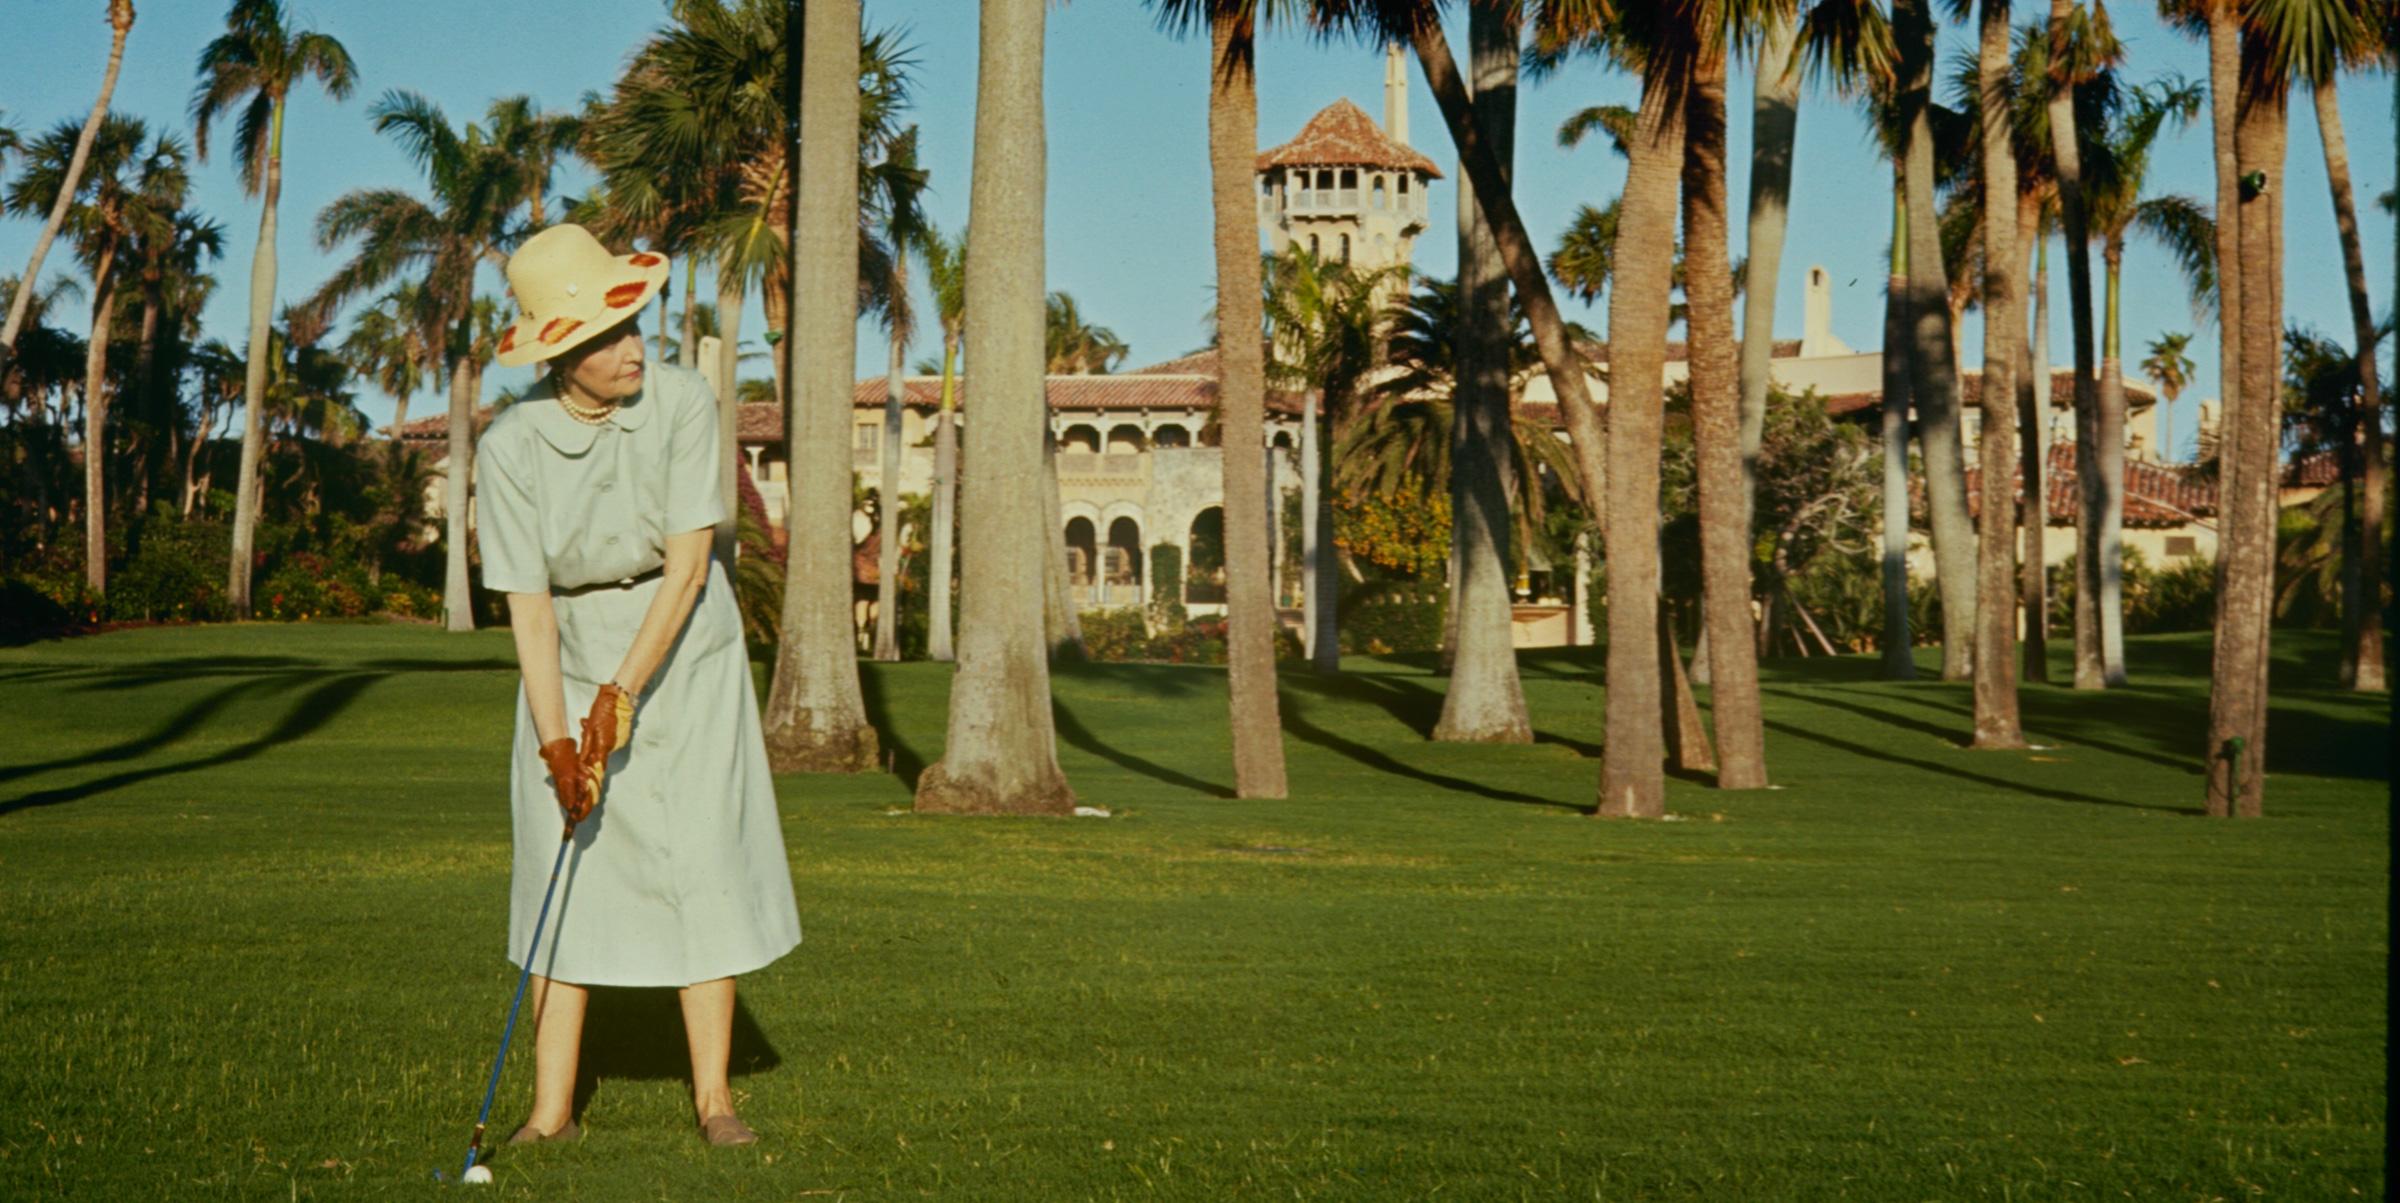 La apasionante vida de Marjorie Merriweather Post, la multimillonaria que fundó Mar-a-Lago, la nueva residencia de la familia Trump